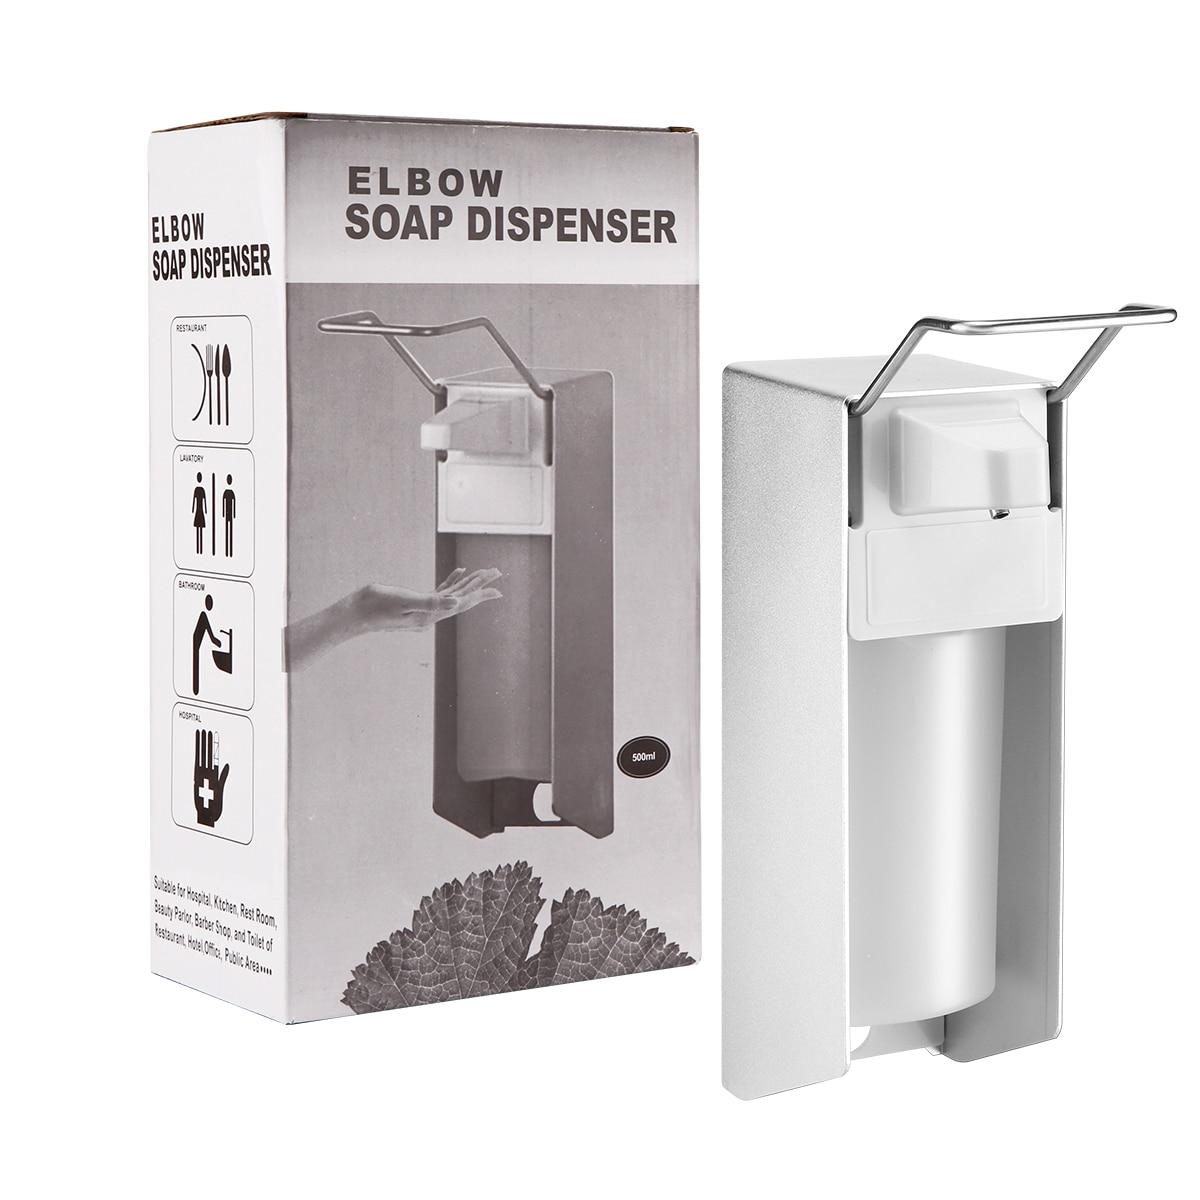 Ha52d158d6fb1480fbca3ddb62e3175760 Wall-Mount Liquid Soap Dispenser Pump Hospital Elbow Press Hand Sanitizer Soap Dispenser Bottle For Kitchen Hotel Bathroom